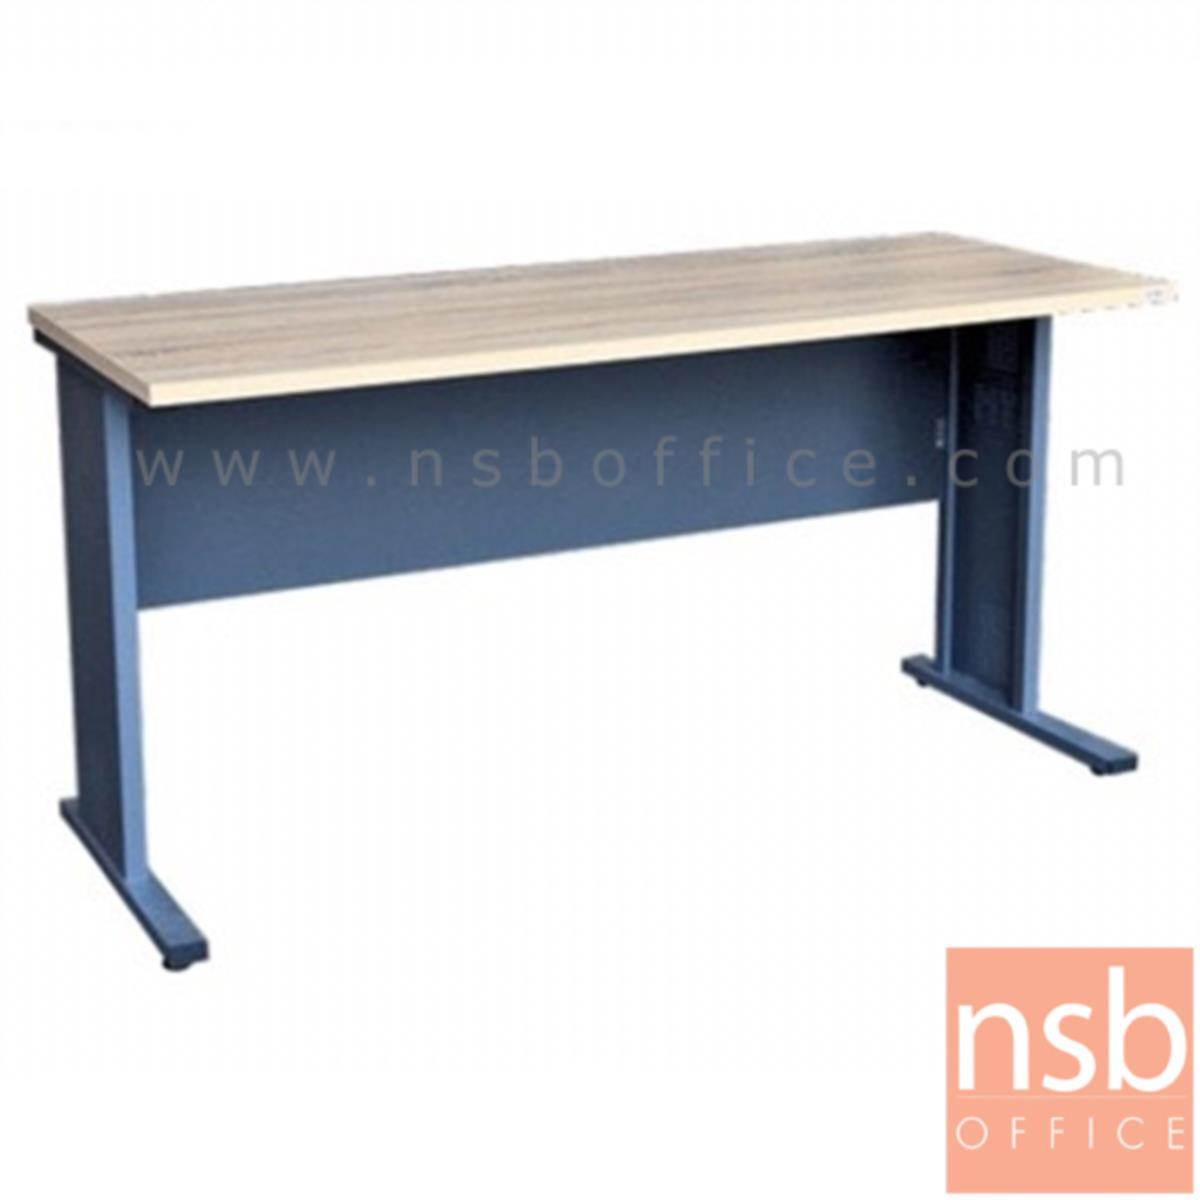 A10A065:โต๊ะทำงาน  รุ่น Wrestler (เวสเลอร์) ขนาด 150W cm. ขาเหล็ก  สีโซลิคตัดเทาเข้มหรือสีมูจิตัดเทาเข้ม